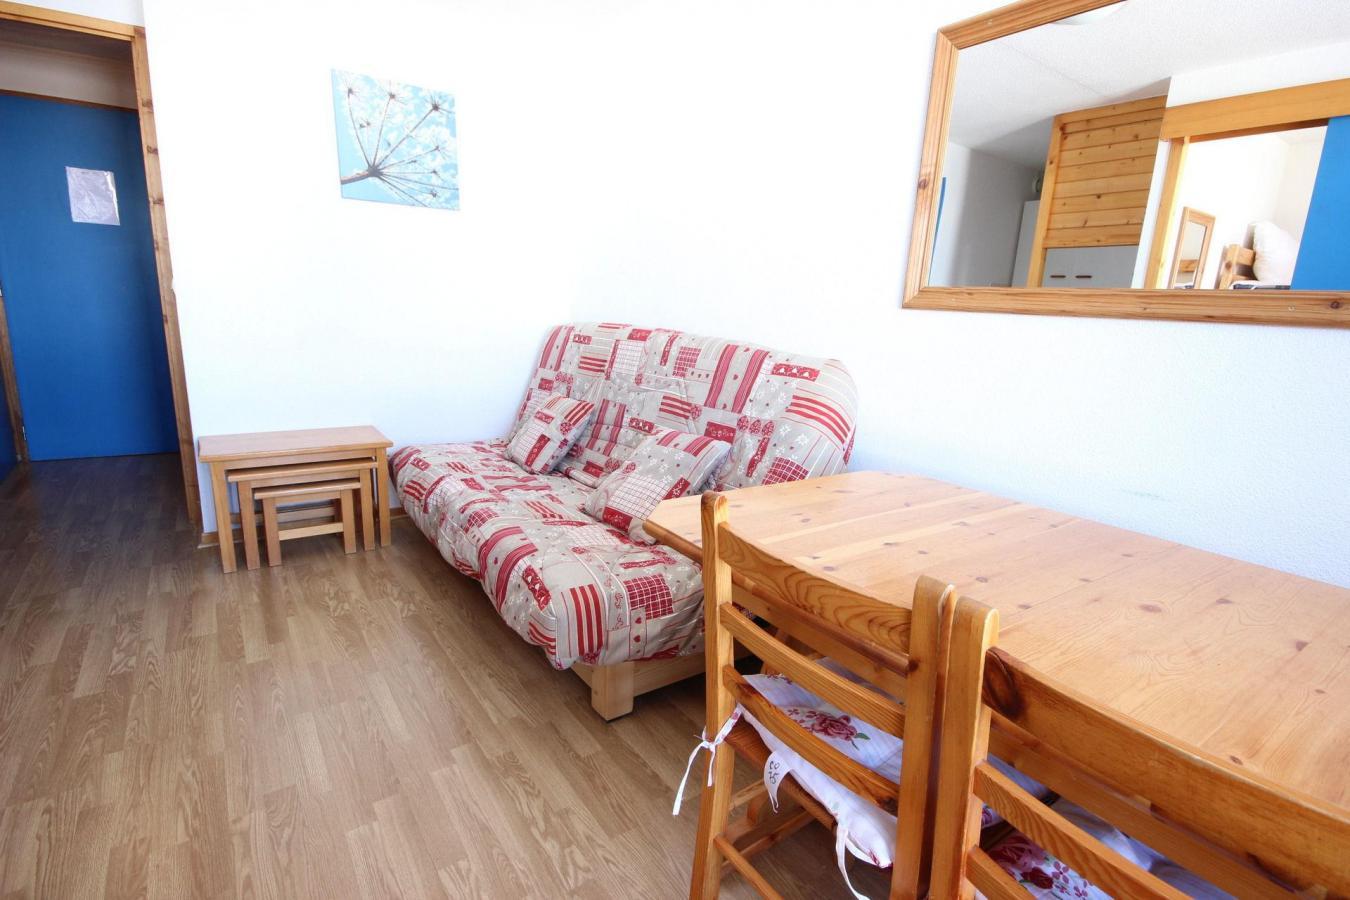 Location au ski Appartement 2 pièces 5 personnes (75) - Residence Le Cret De L'ours 1 - Peisey-Vallandry